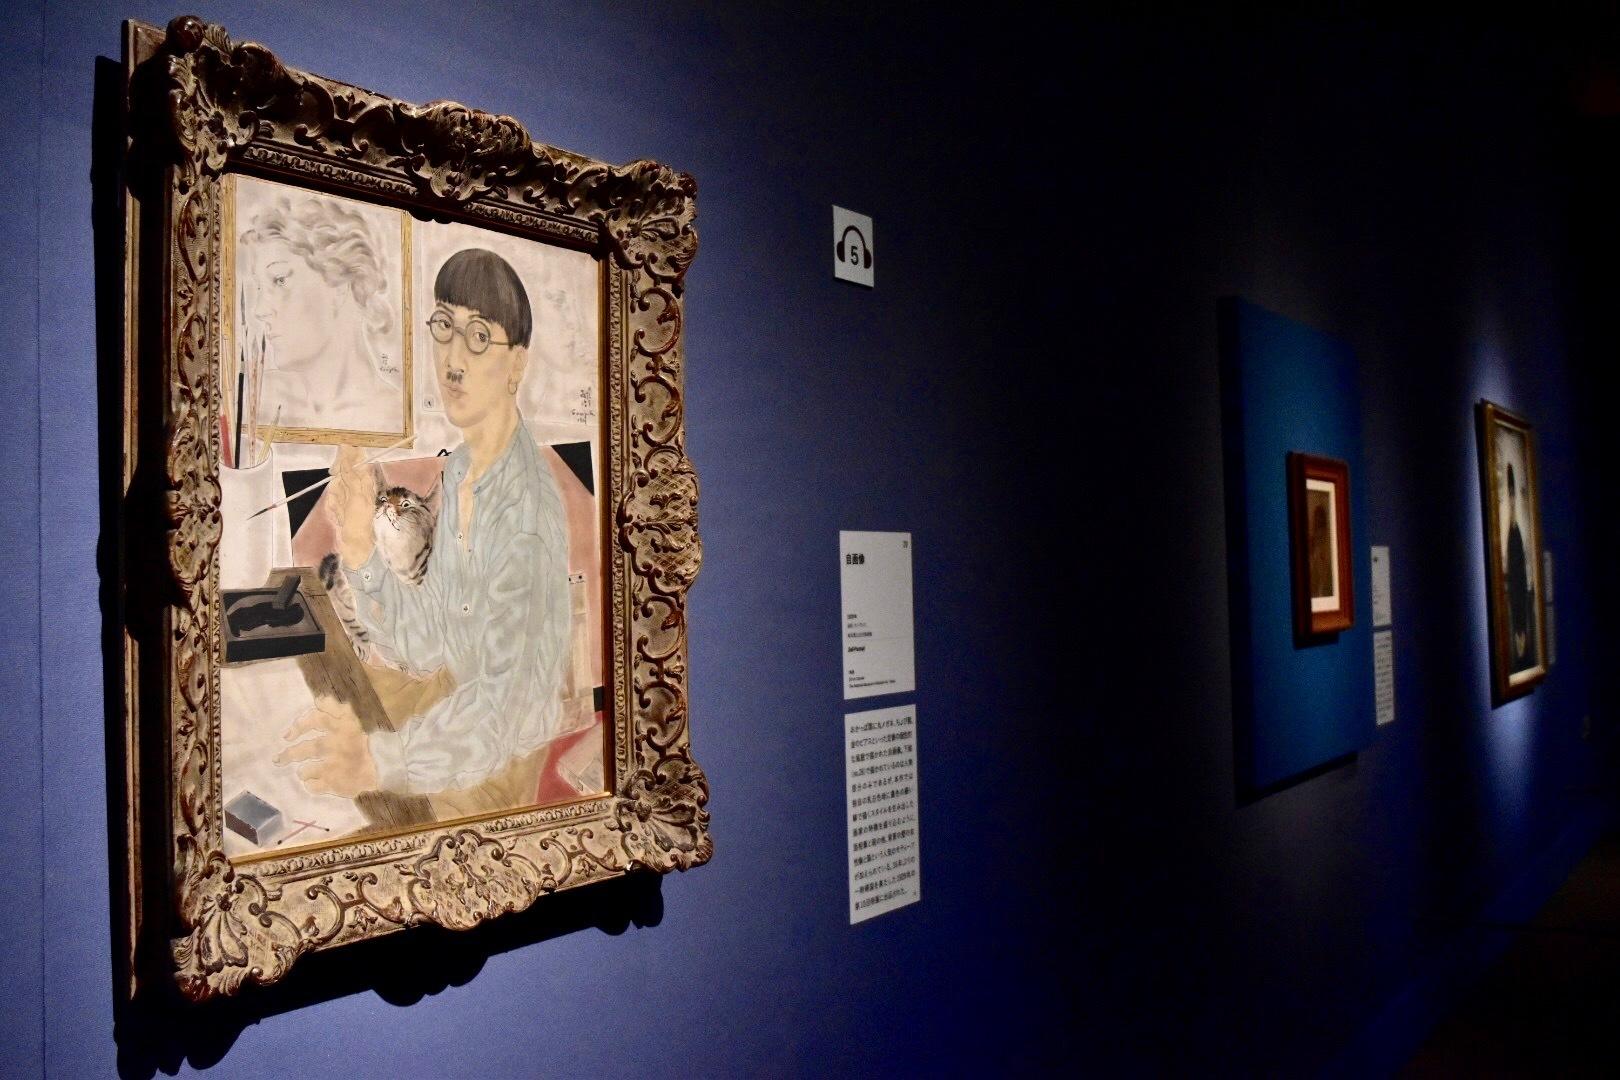 《自画像》 1929年 東京国立近代美術館蔵 (C) Foundation Foujita / ADAGP , Paris & JASPAR , Tokyo , 2017 E2833